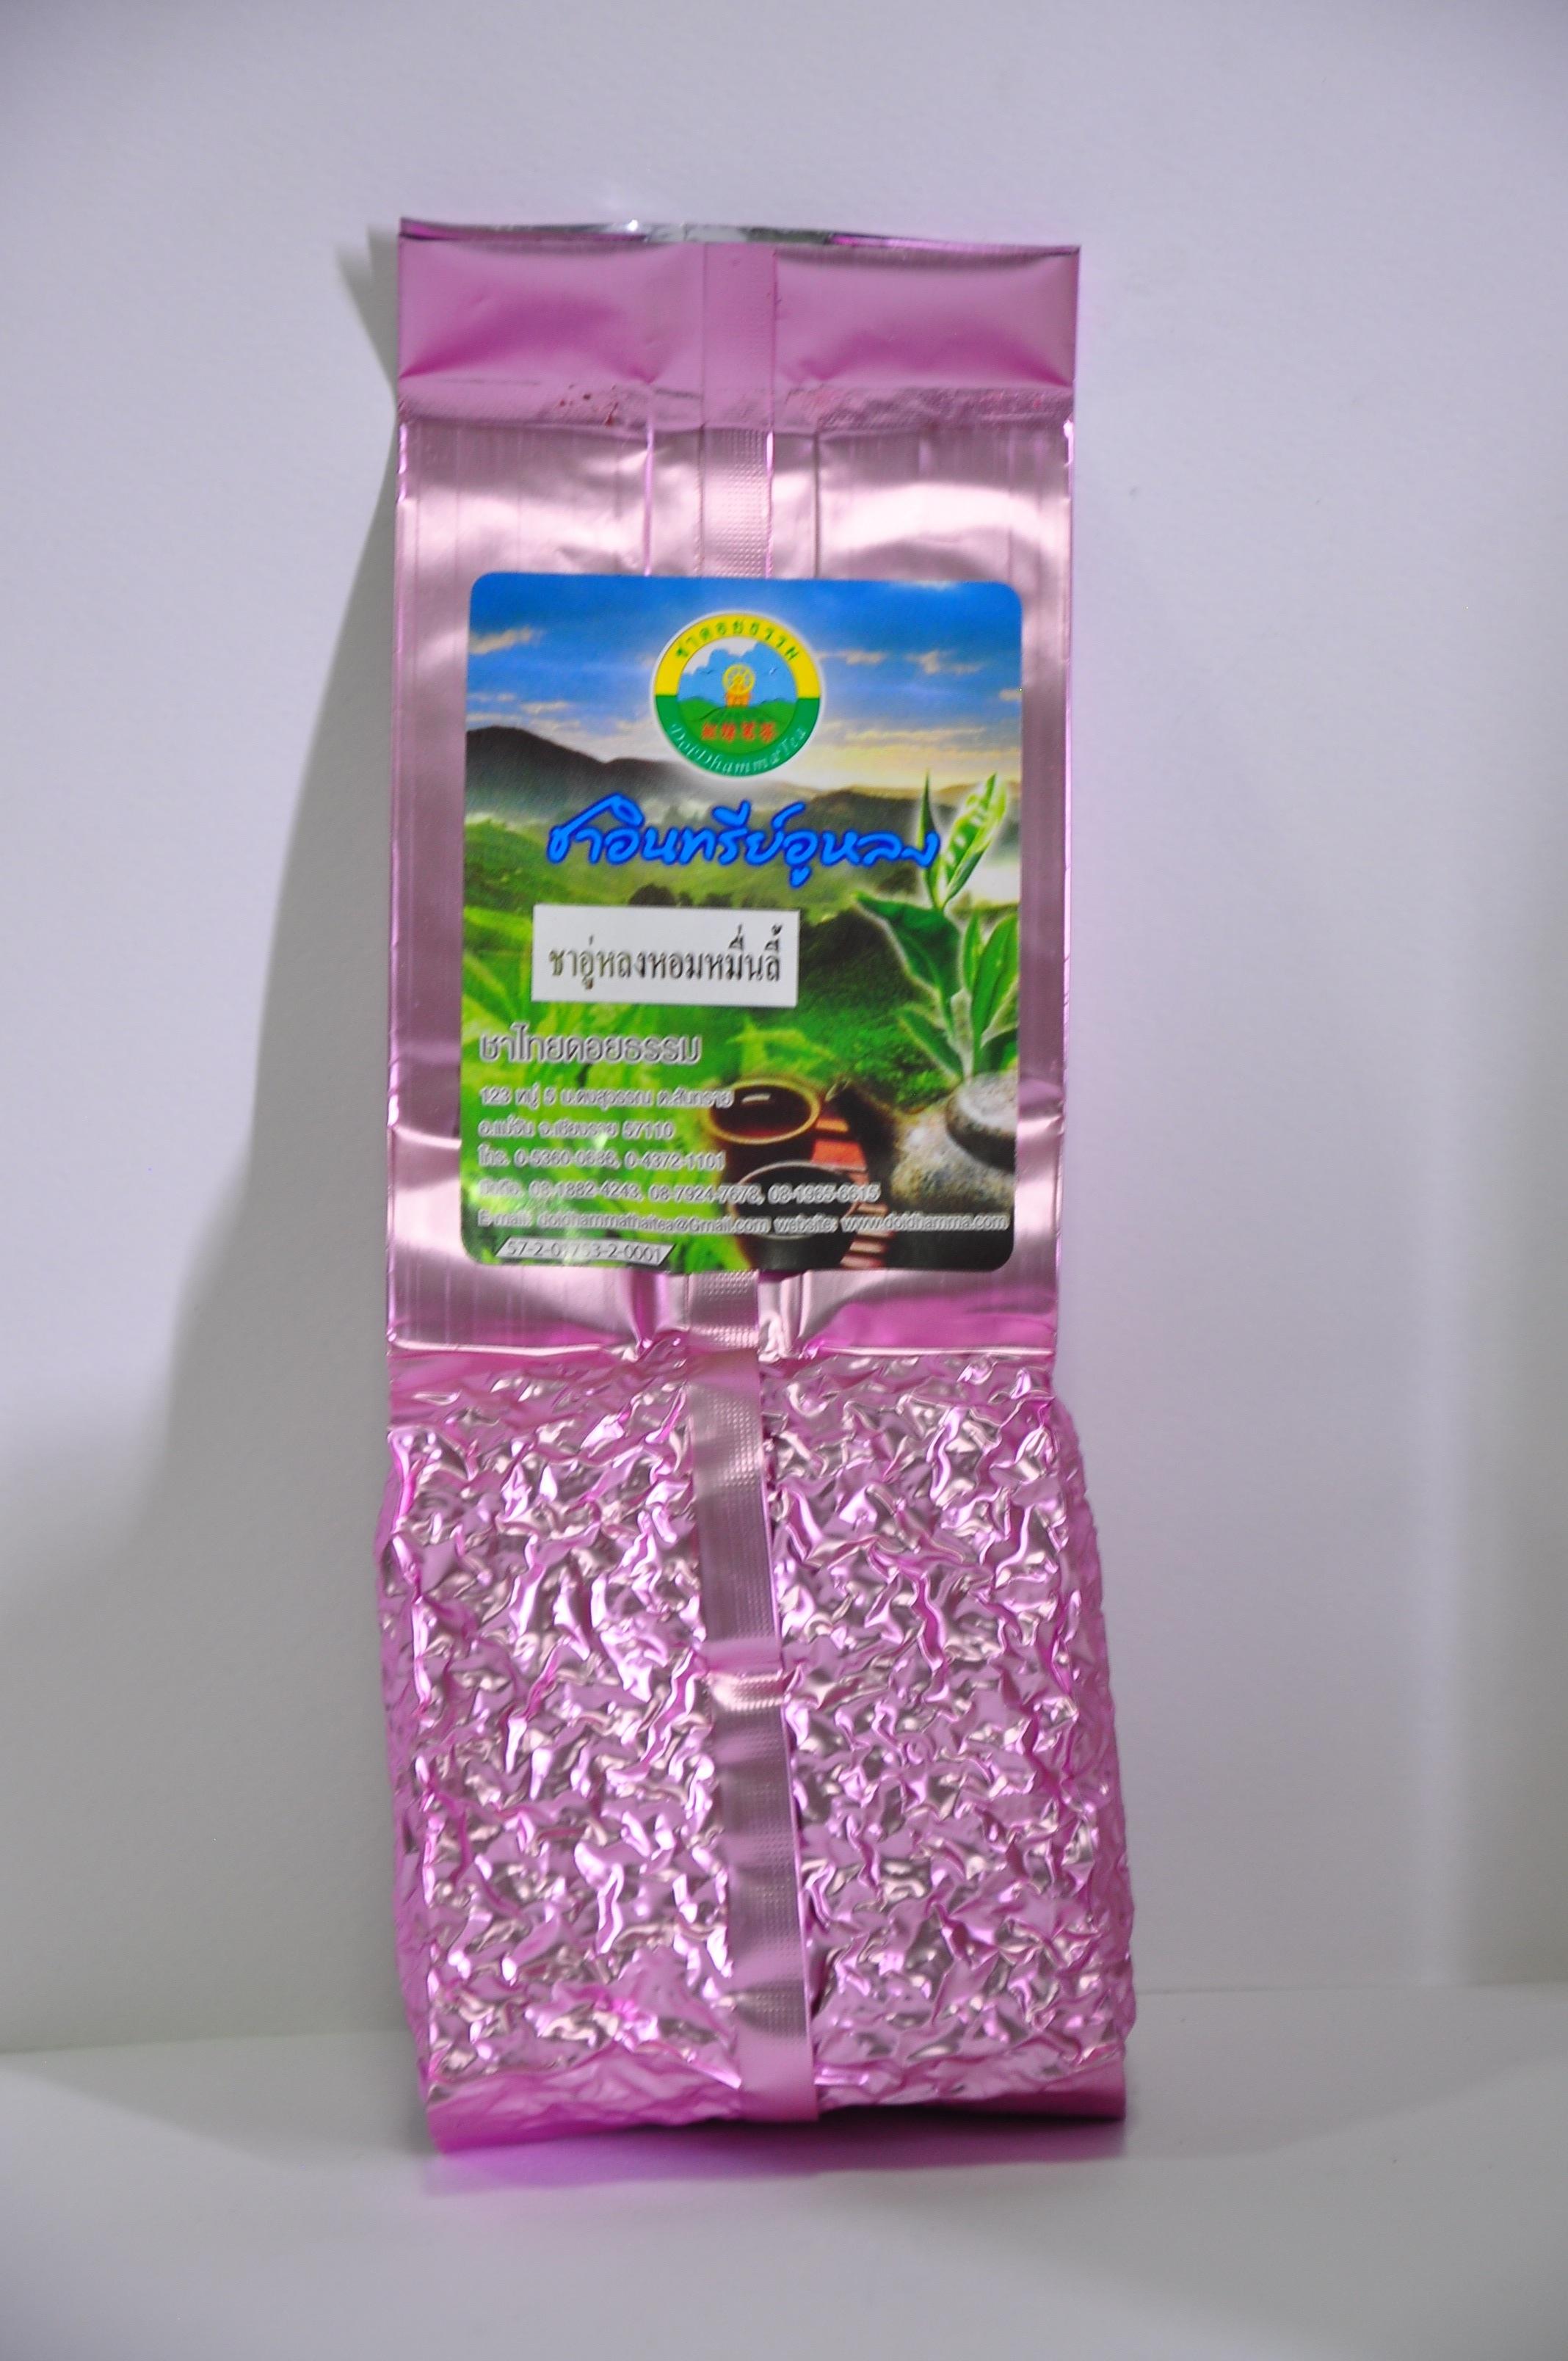 ชาหอมหมื่นลี้ Osmanthus Oolong Tea (200g)